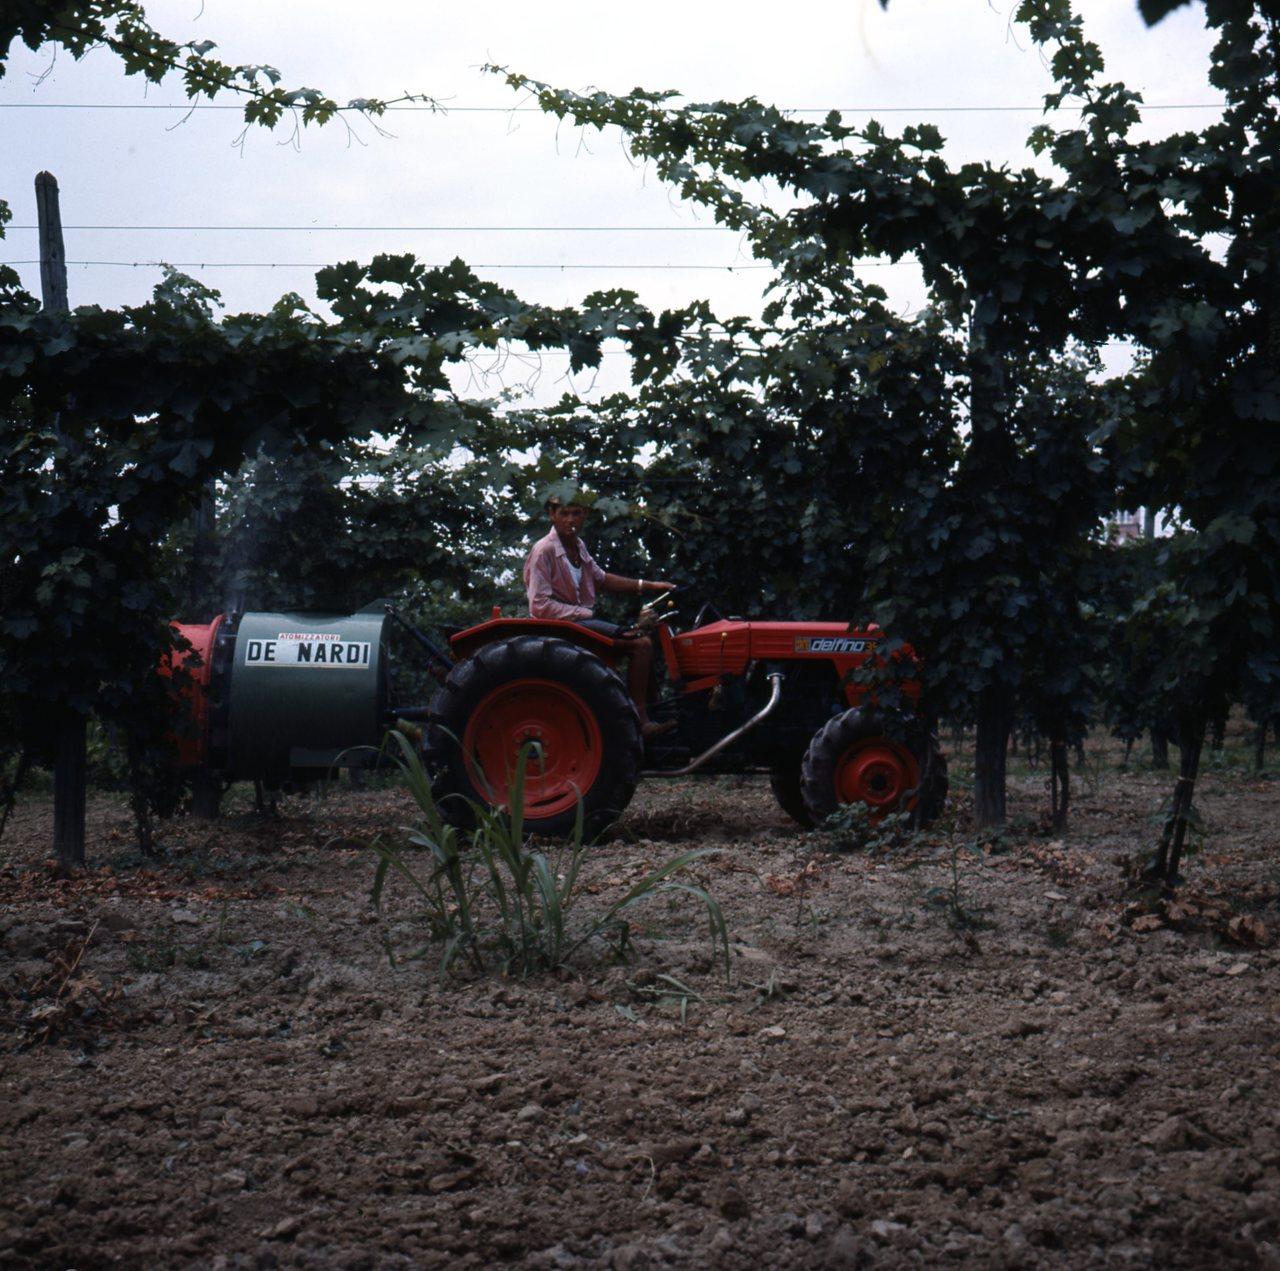 [SAME] Delfino 35 4RM frutteto presso Az. Boalto di La Salute di Livenza (VE), 10/7/1972